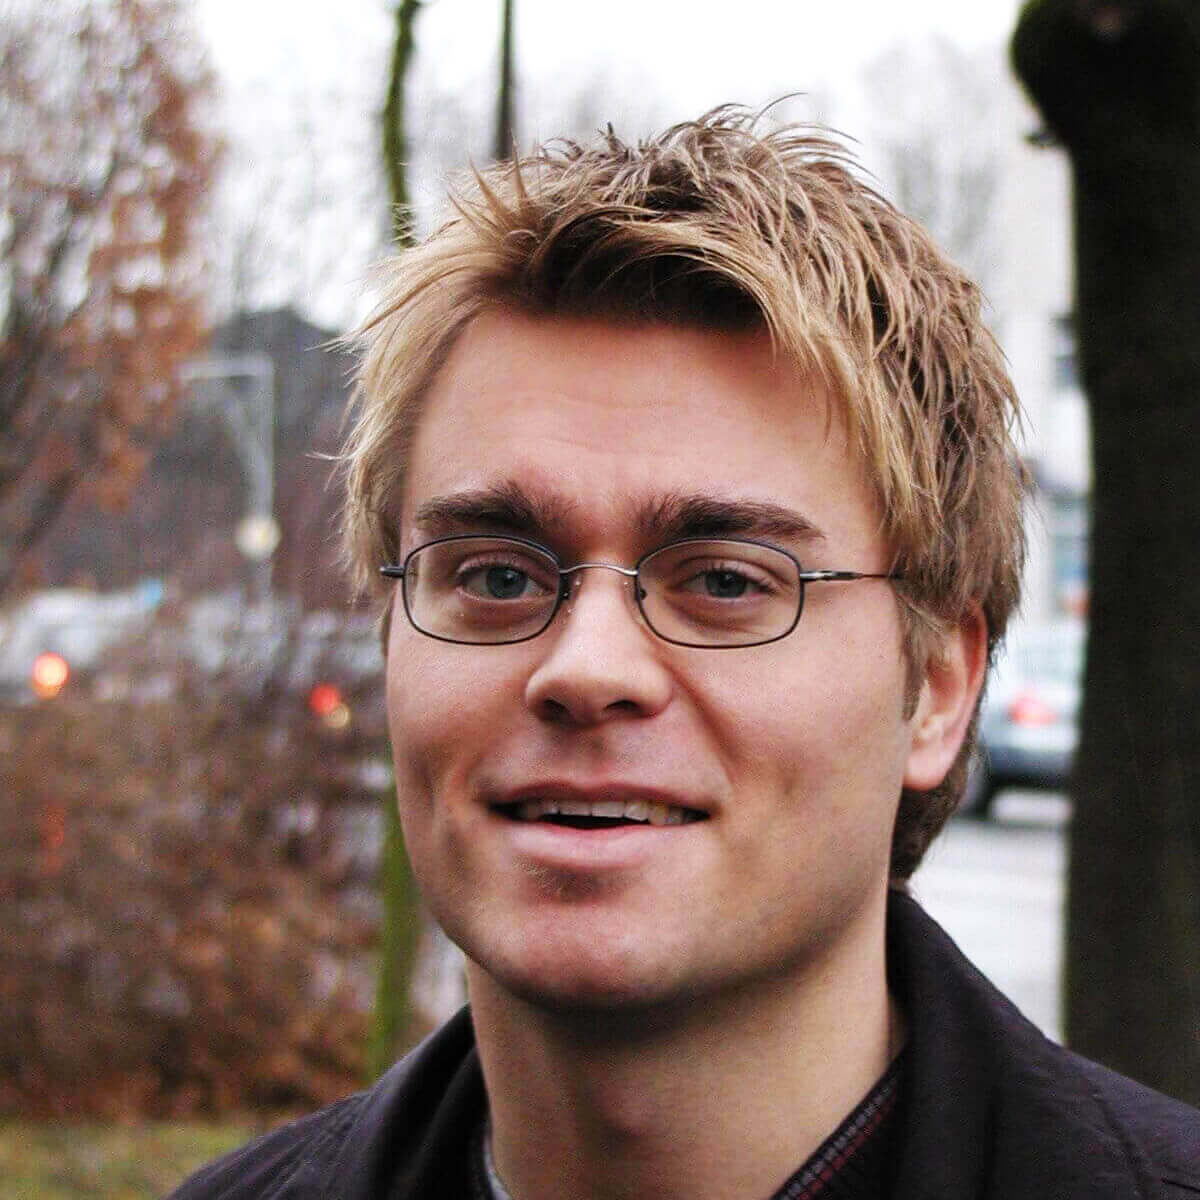 Florian: